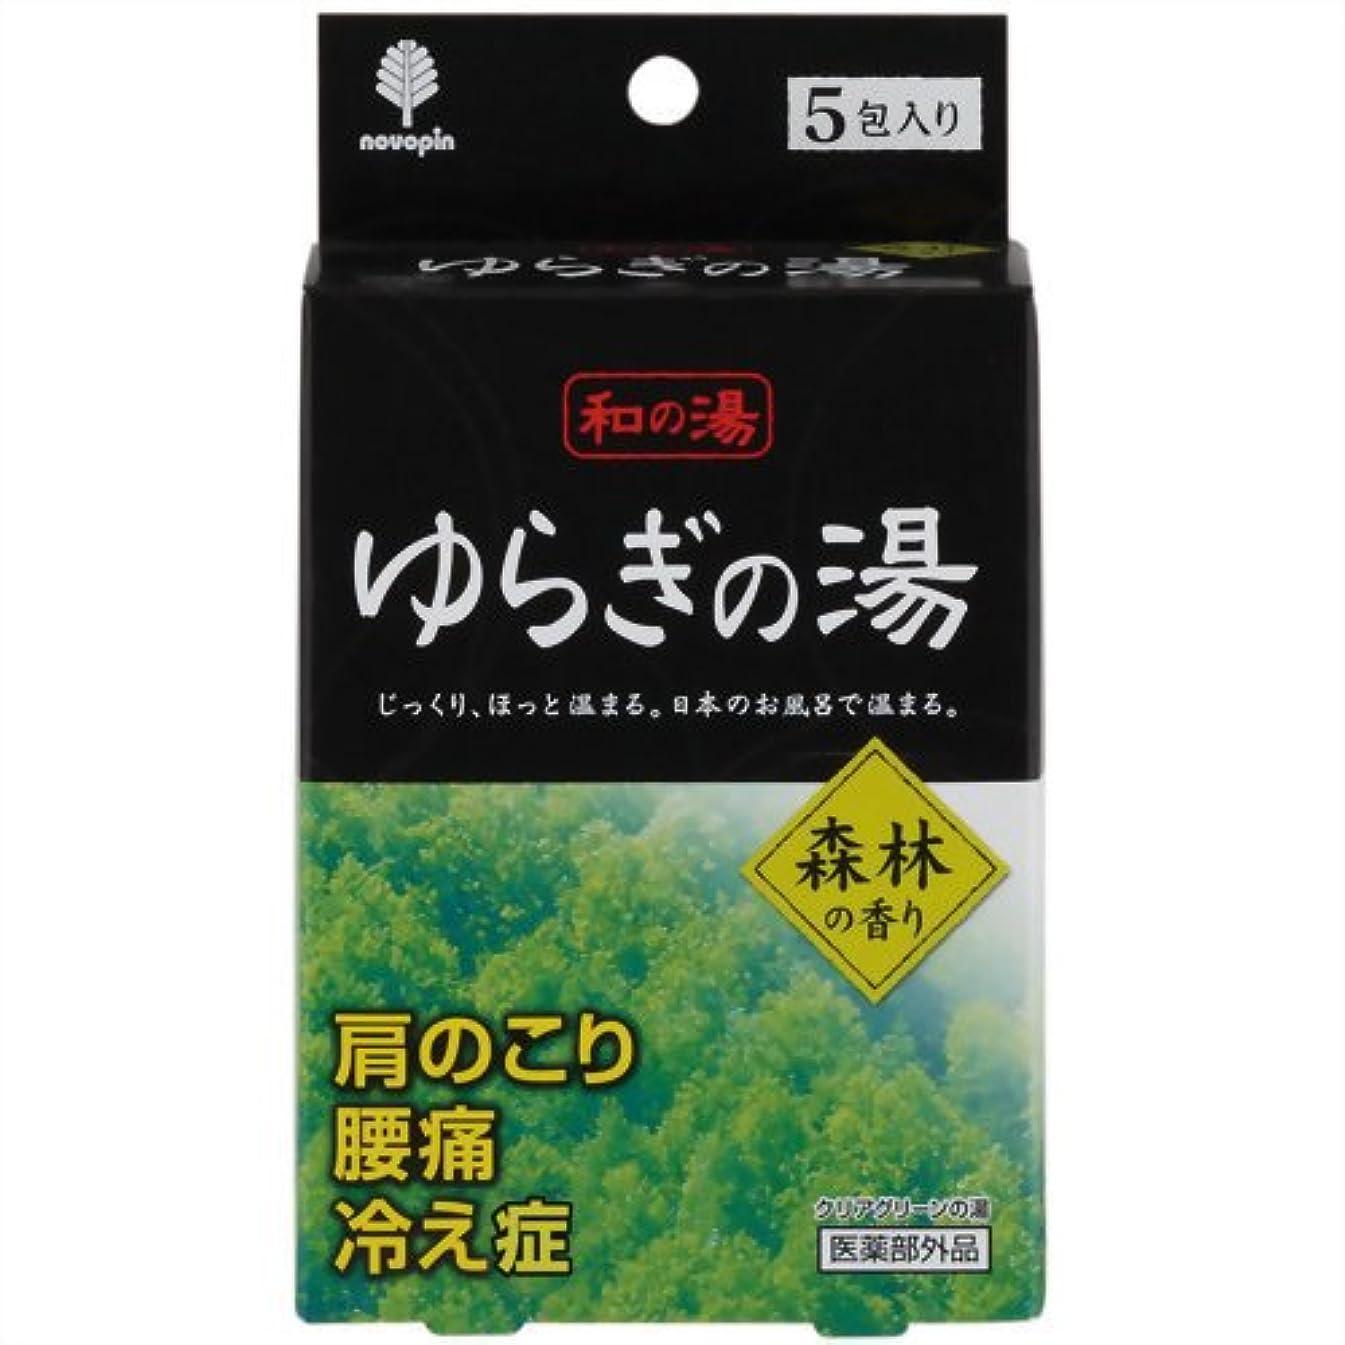 パノラマスポークスマン子孫ゆらぎの湯 森林の香り 25g×5包入